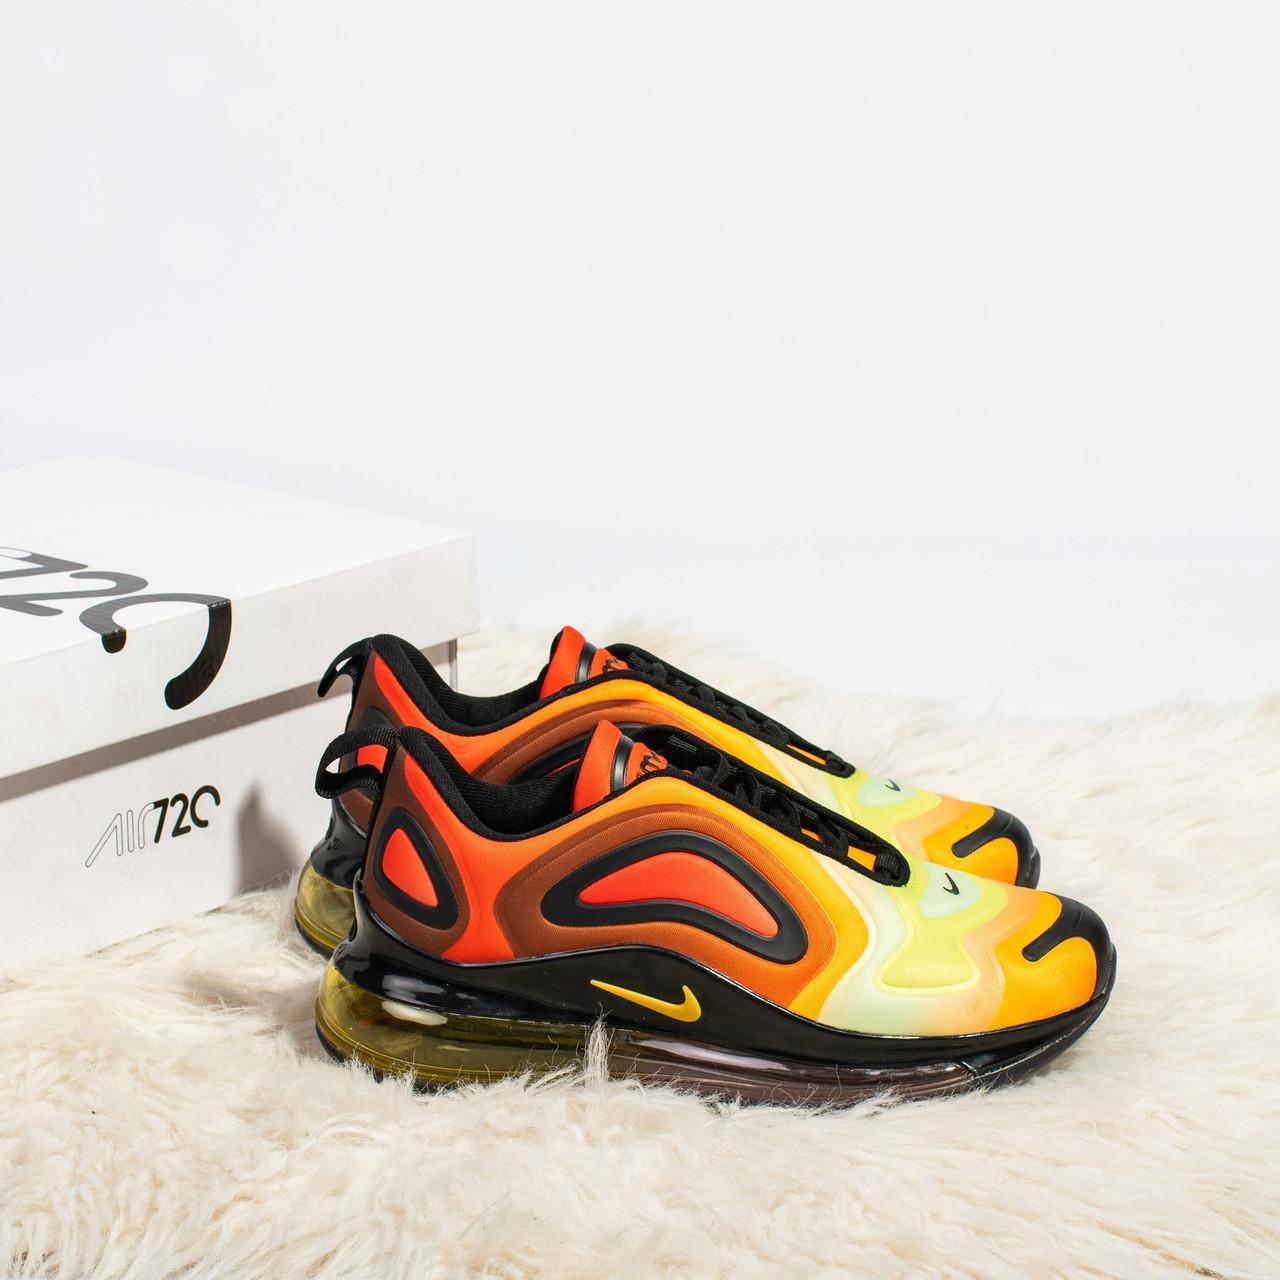 92e8a6b0 Женские кроссовки в стиле Nike Air Max 720 Sunrise (36, 37, 38, 39, 40  размеры)